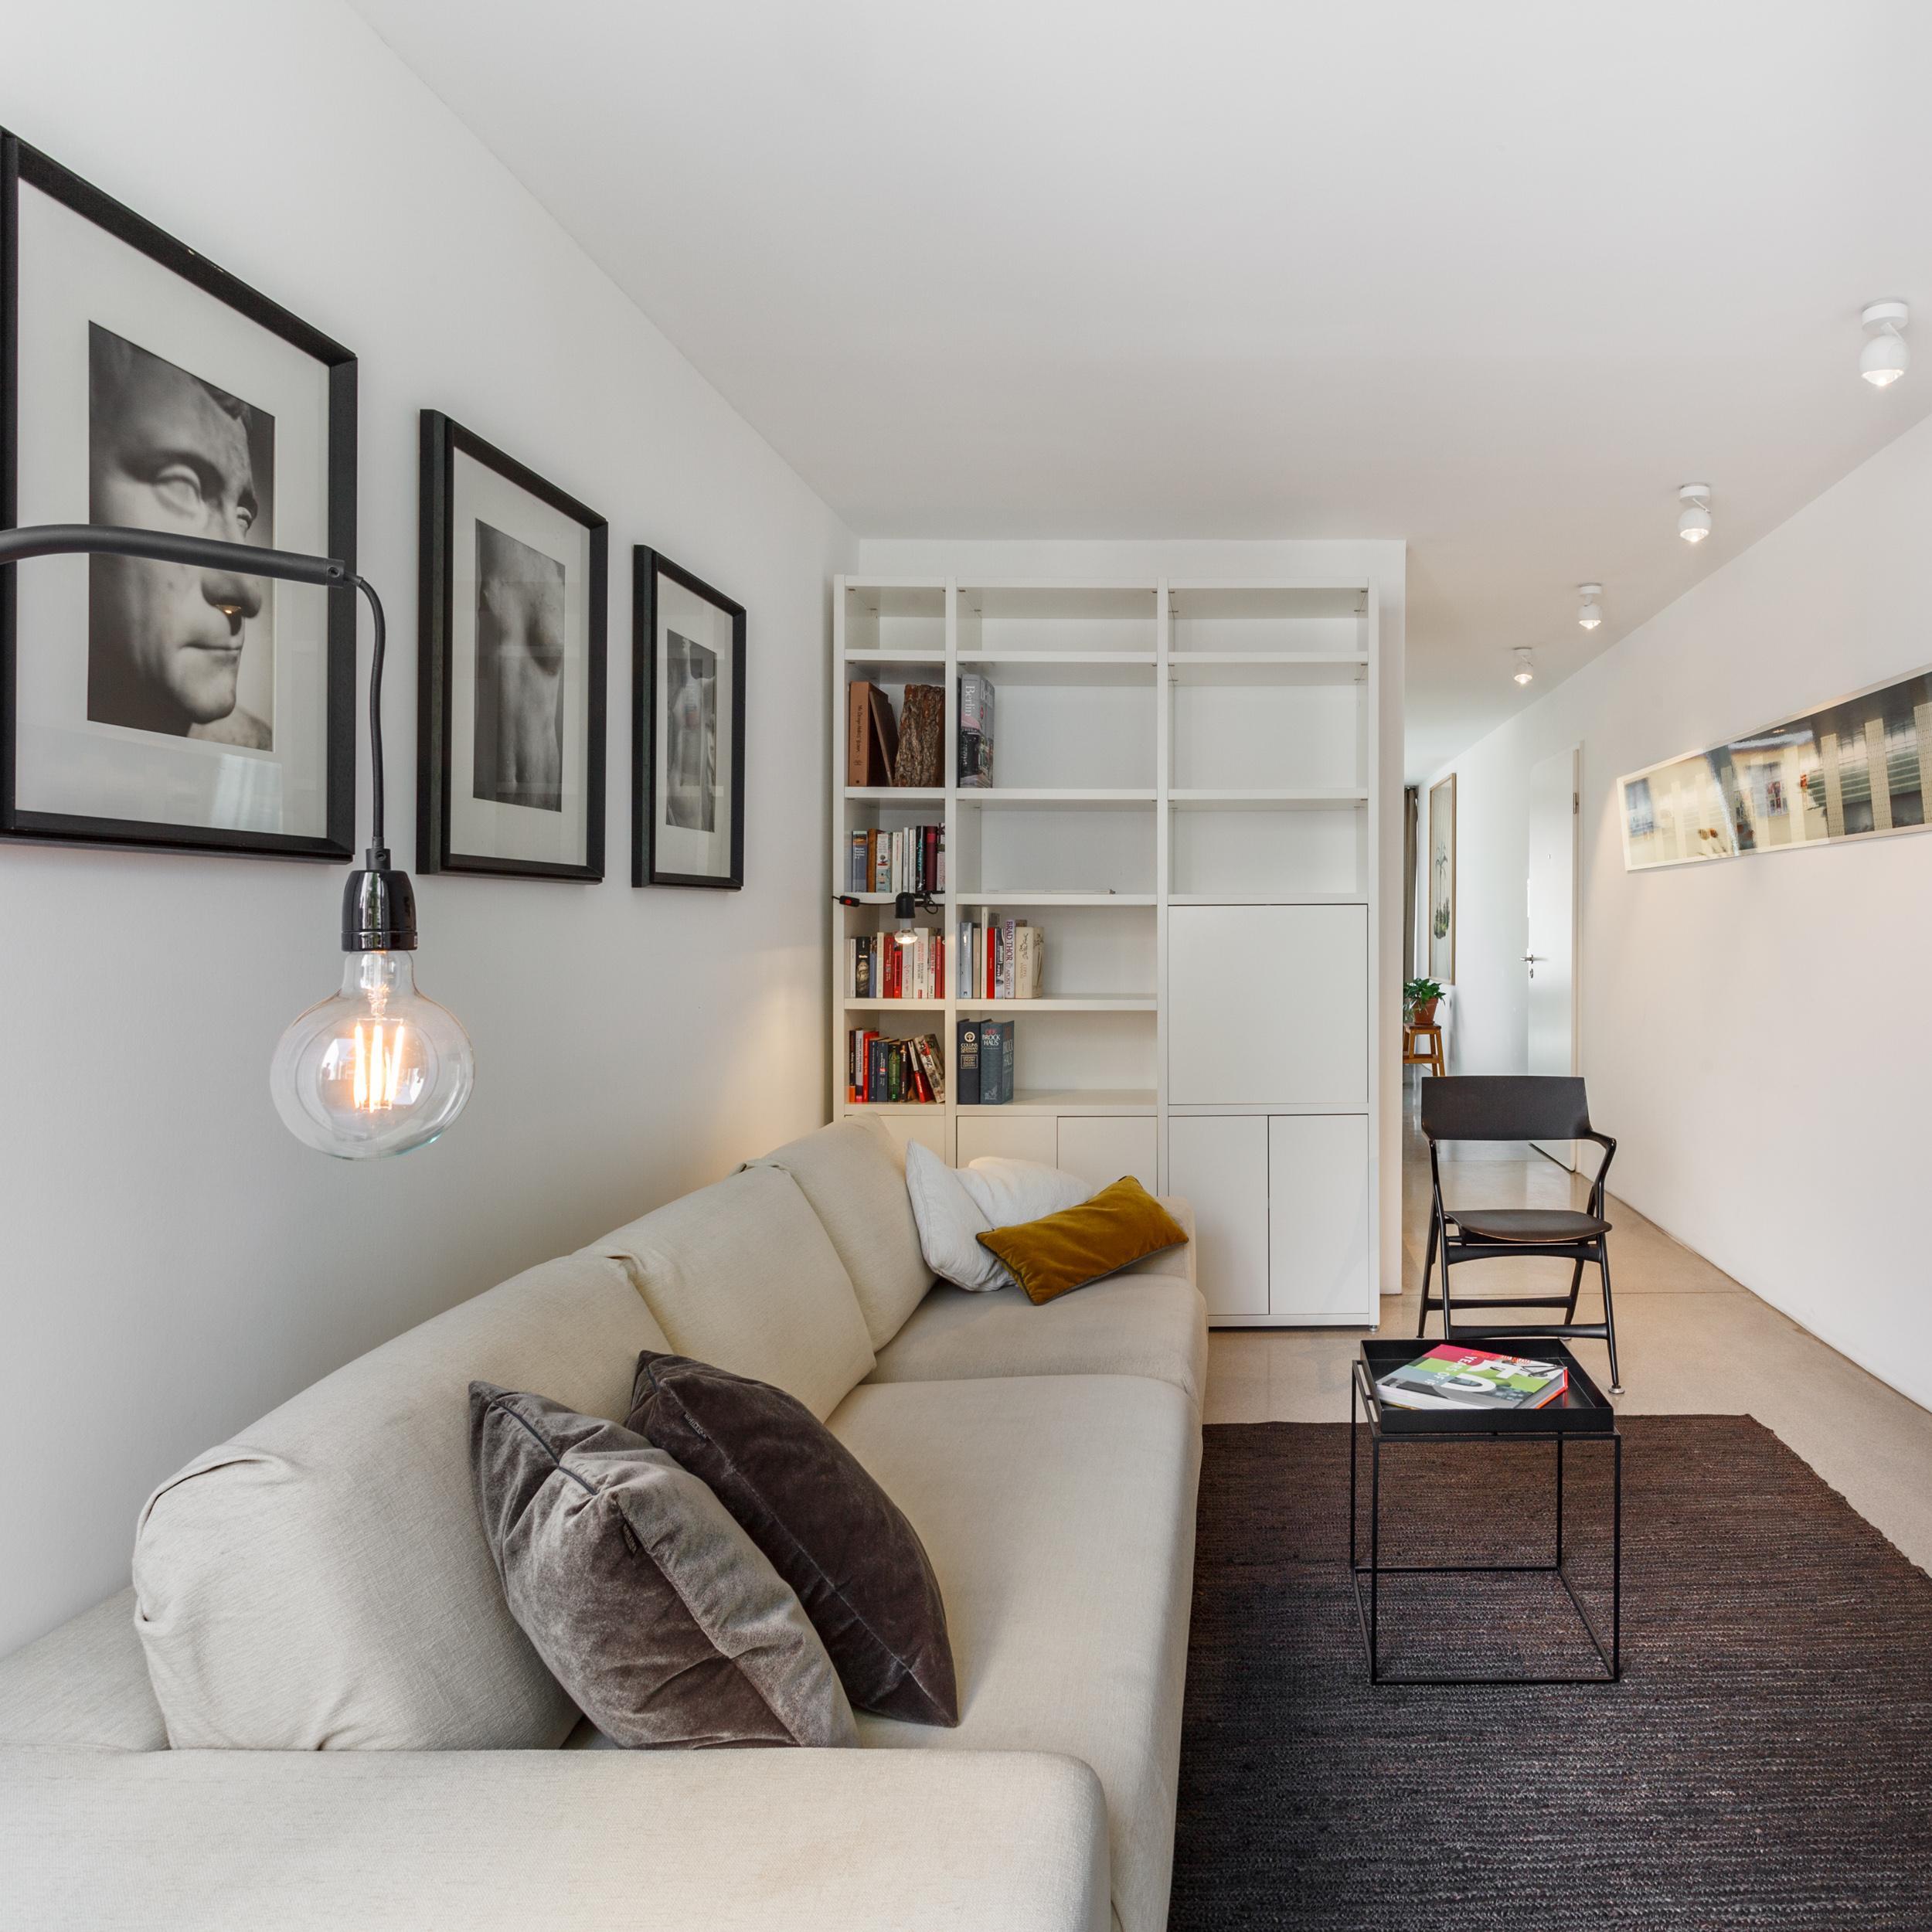 Platzsparendes Loft Wohnzimmer #wohnzimmer #schlafsofa ©EMMA B. HOME